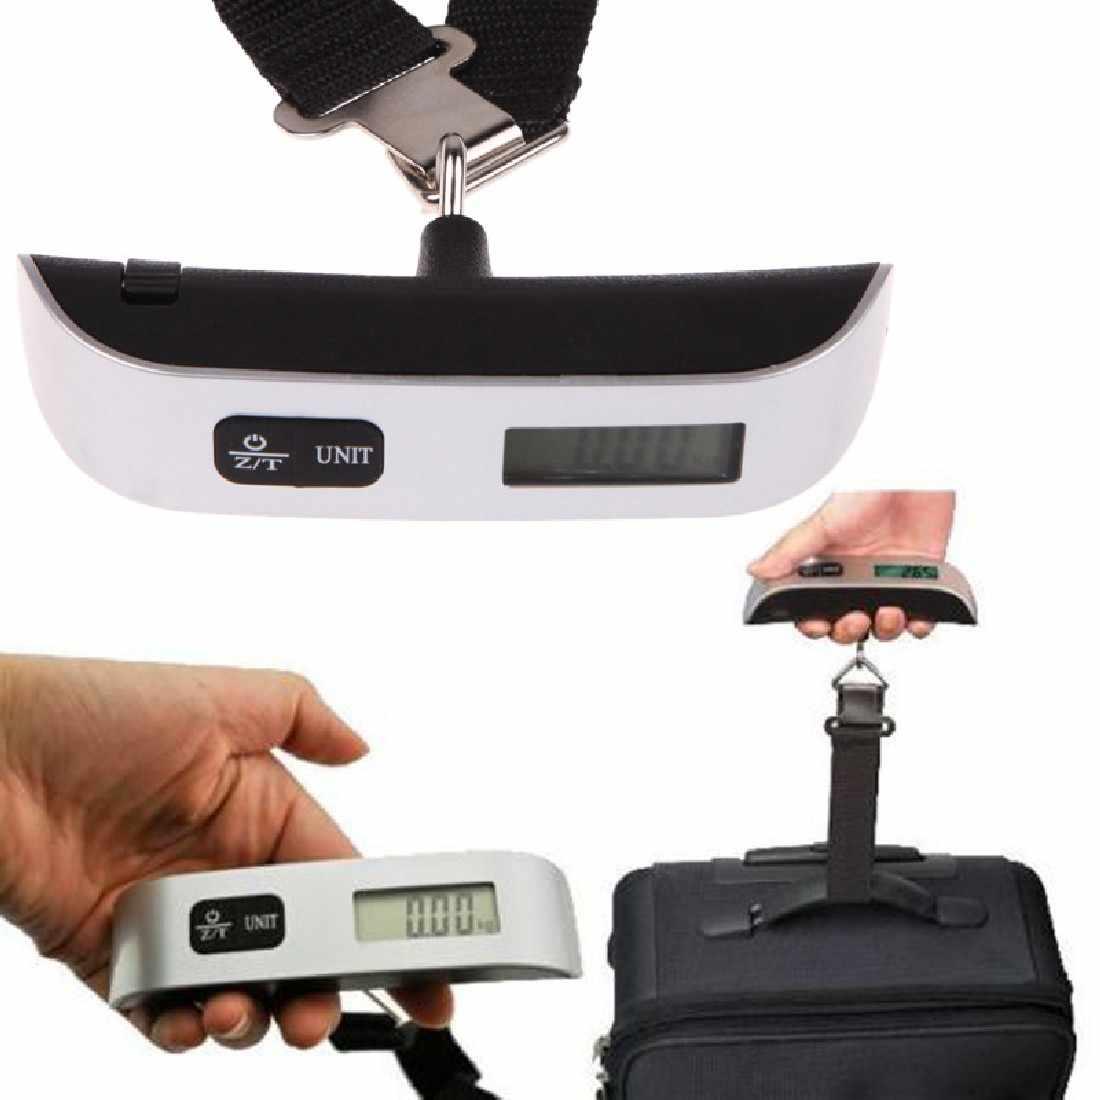 1Pc Balance à bagages Balance électronique numérique valise portable sac de voyage suspendus balances Balance poids thermomètre affichage LCD